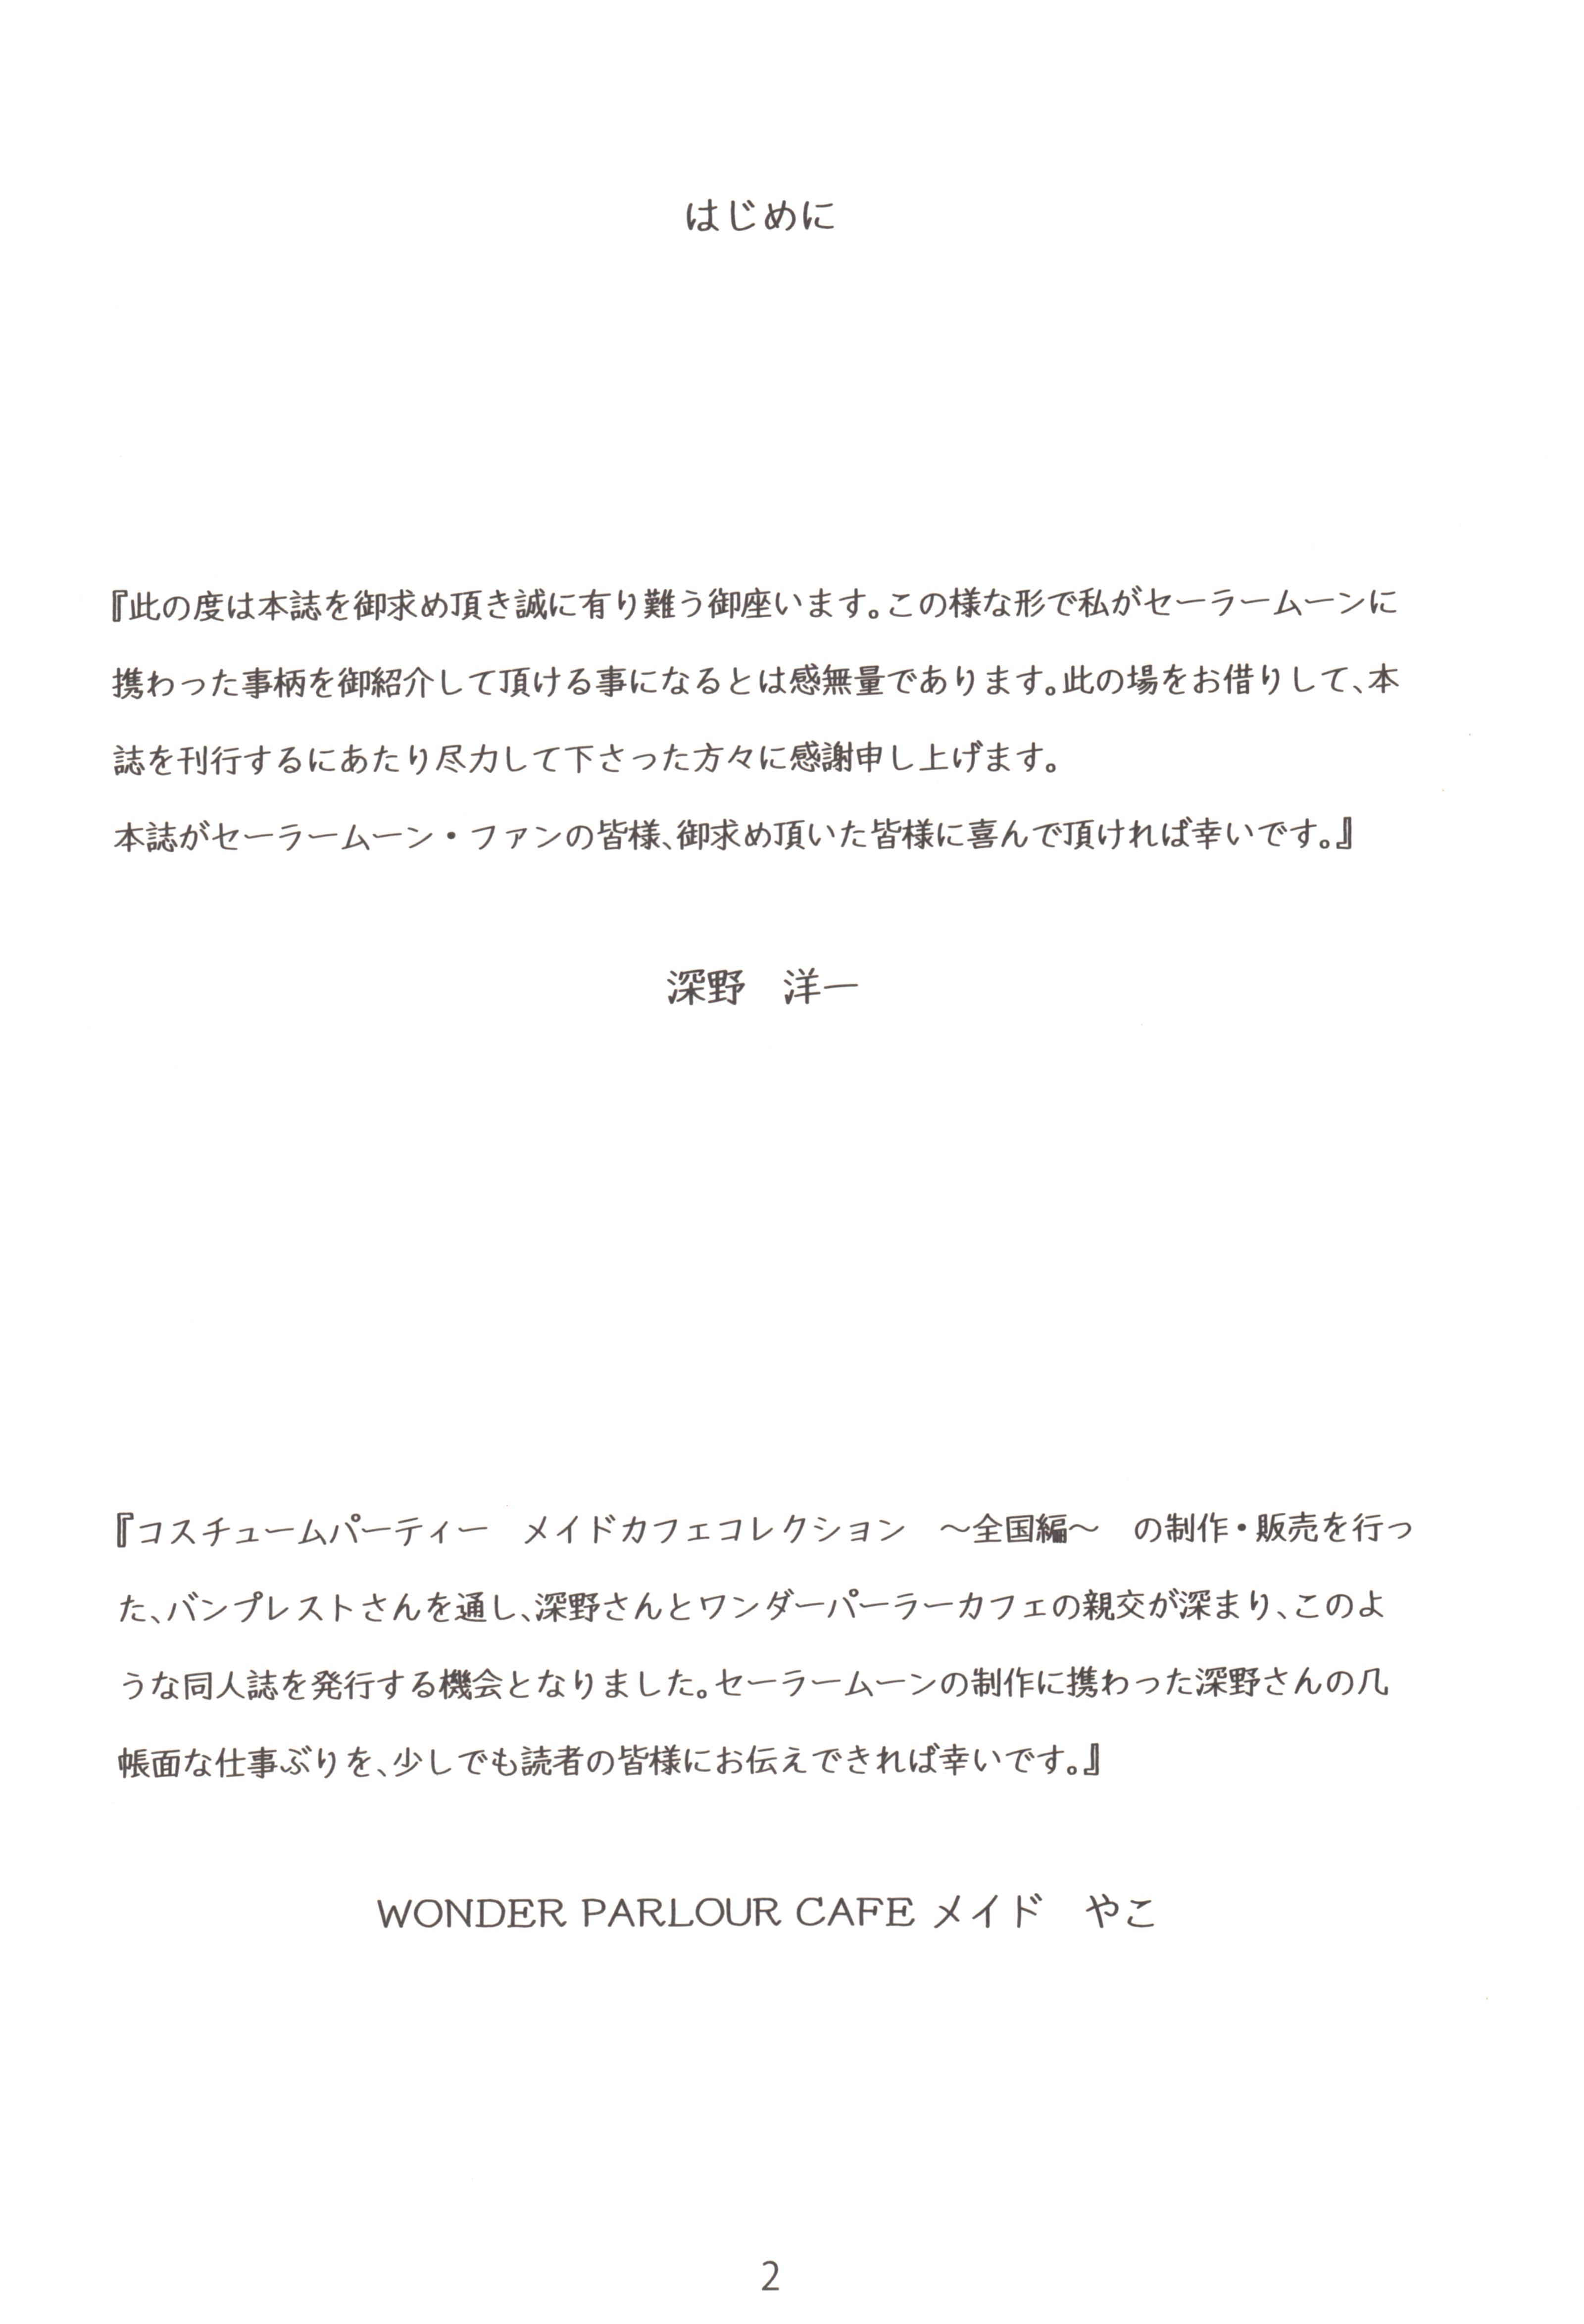 Senshi-no-tsue-03